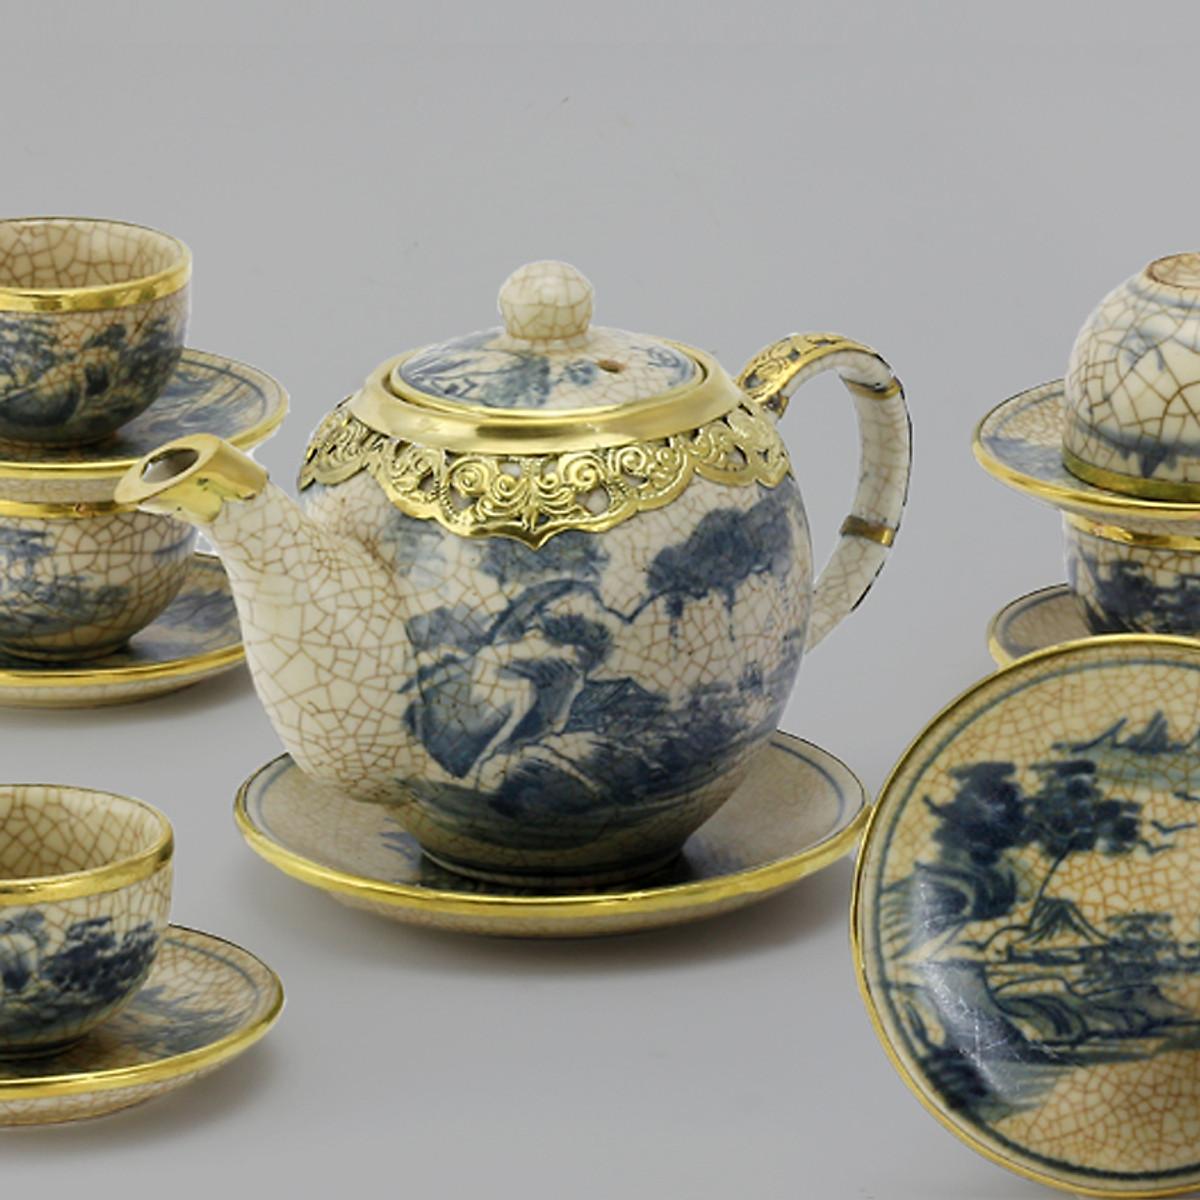 Bộ ấm chén men rạn bọc đồng gốm sứ Bát Tràng (bộ bình uống trà, bình trà)